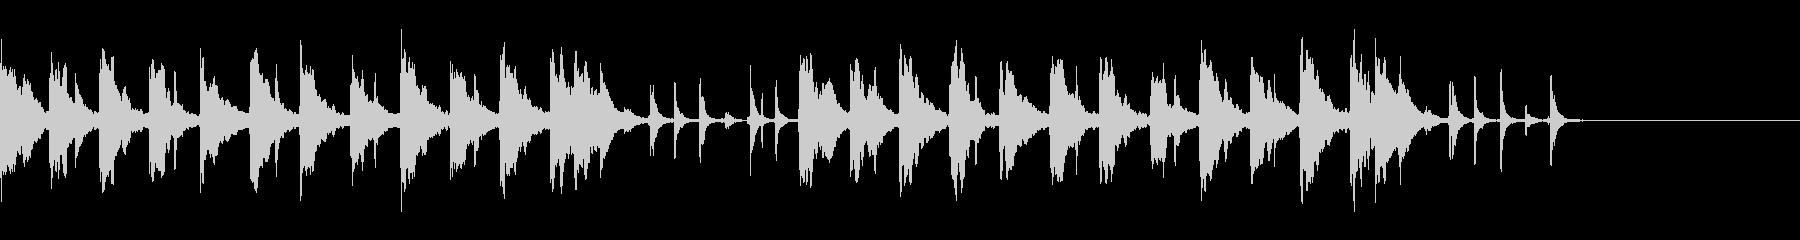 明るくポップなBGMの未再生の波形